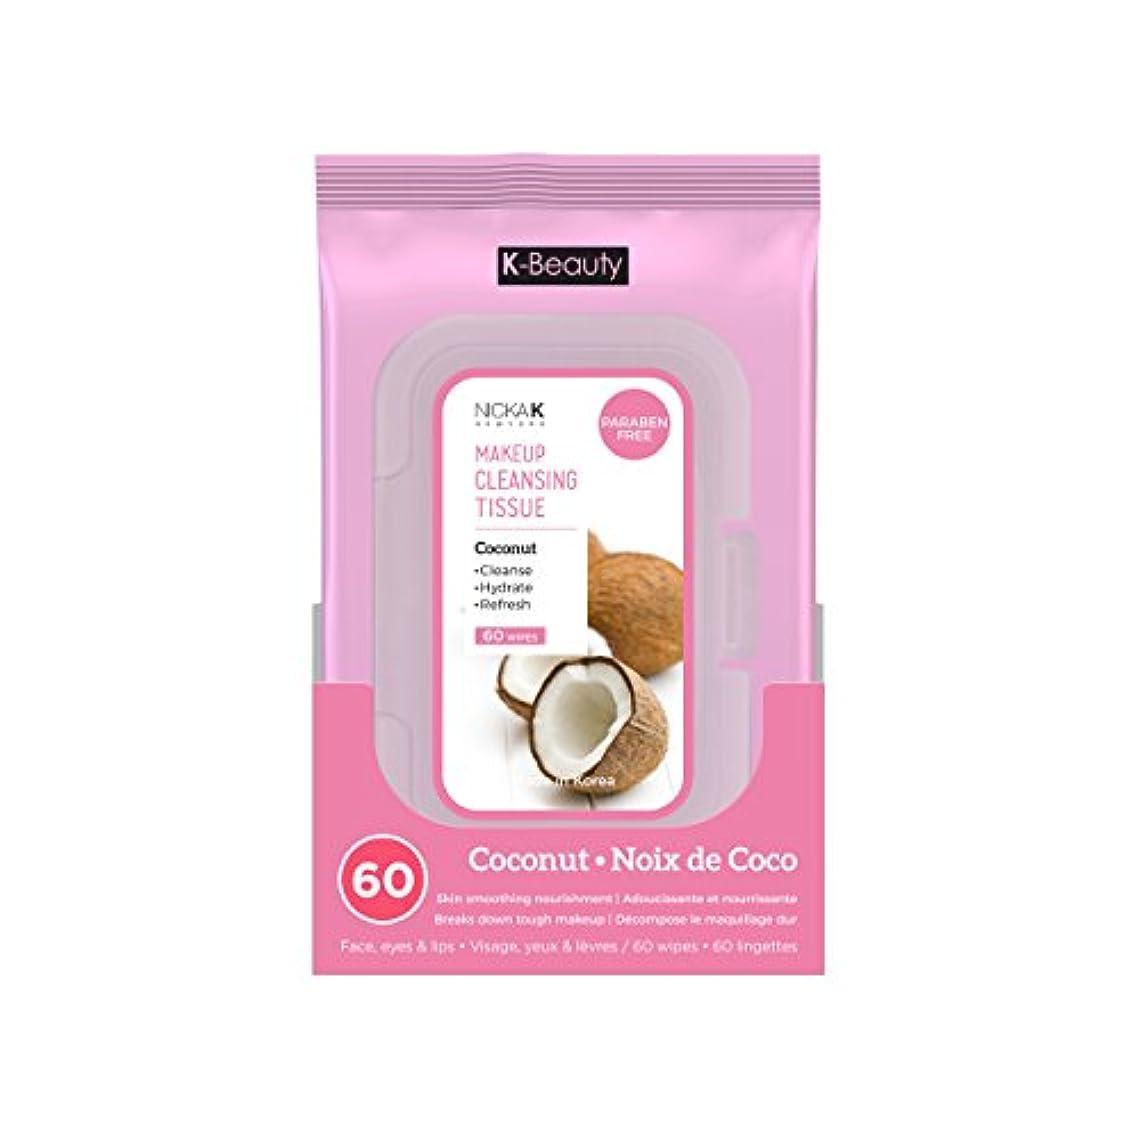 バレーボールアライアンス一致するNICKA K Make Up Cleansing Tissue - Coconut (並行輸入品)